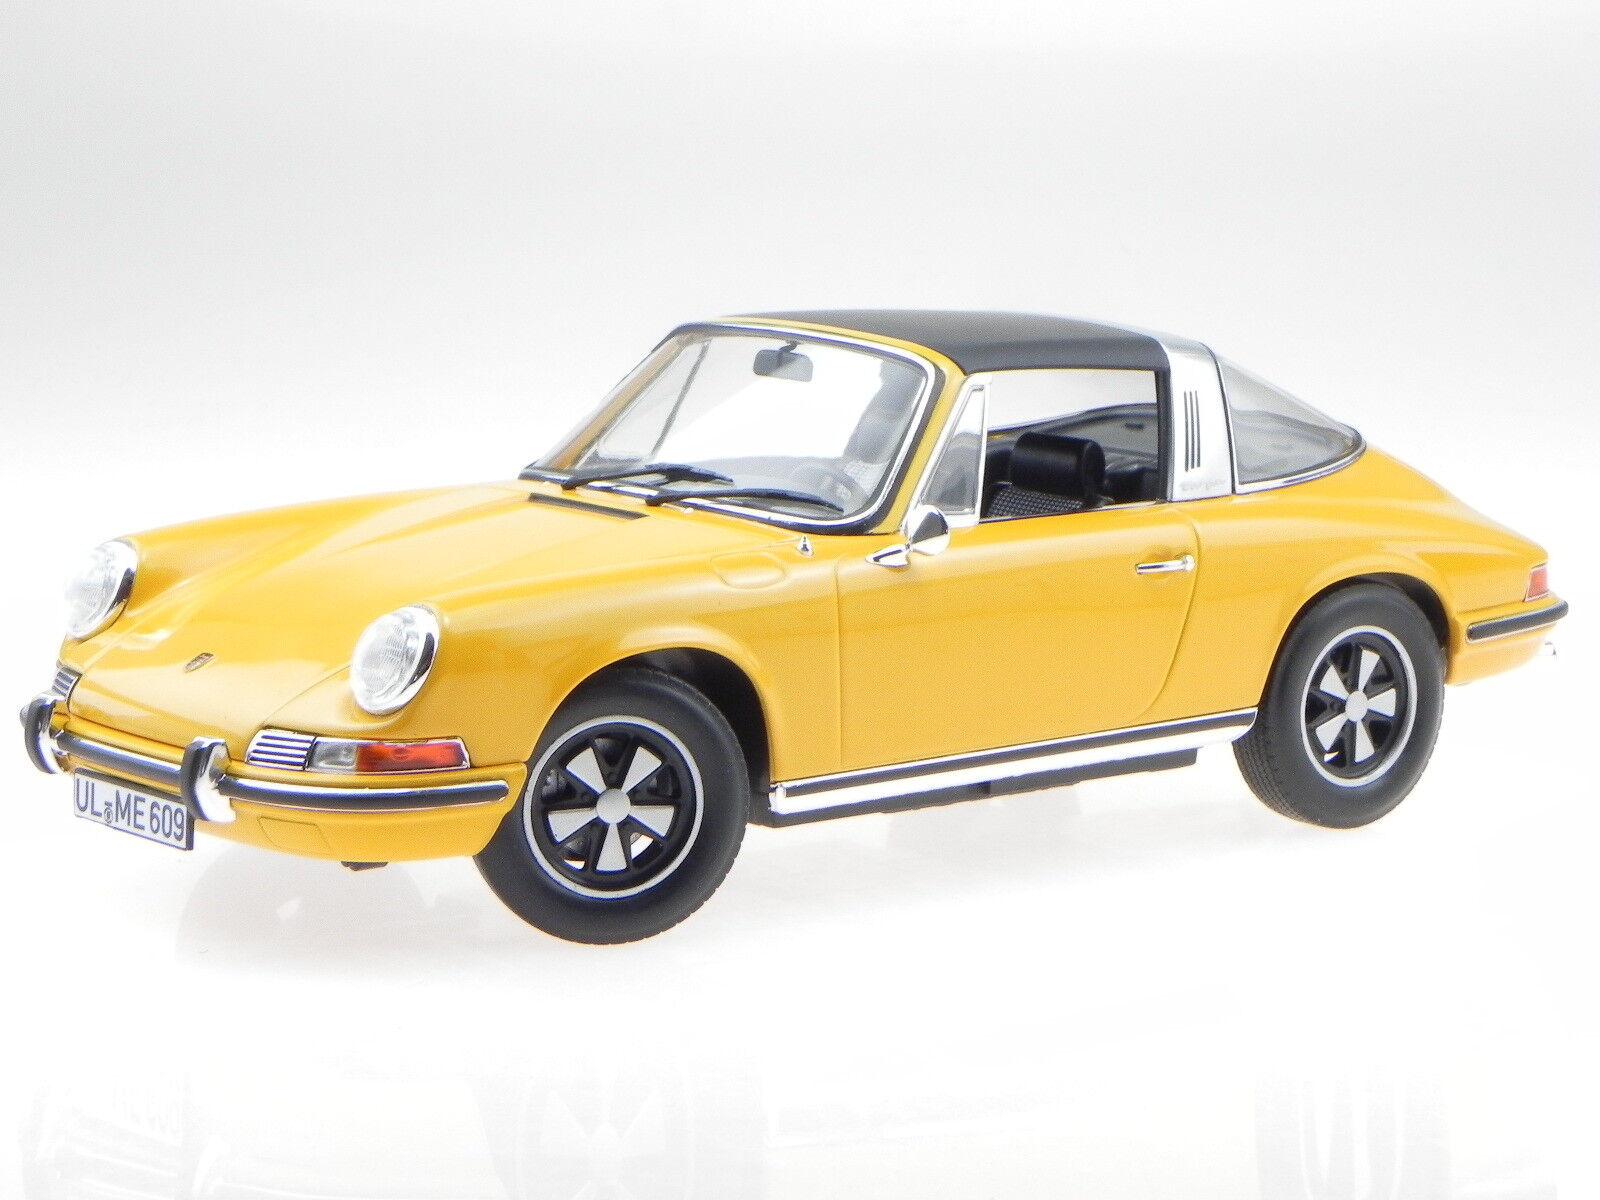 Porsche 911 E Targa 1969 orange diecast modelcar 187633 Norev 1 18